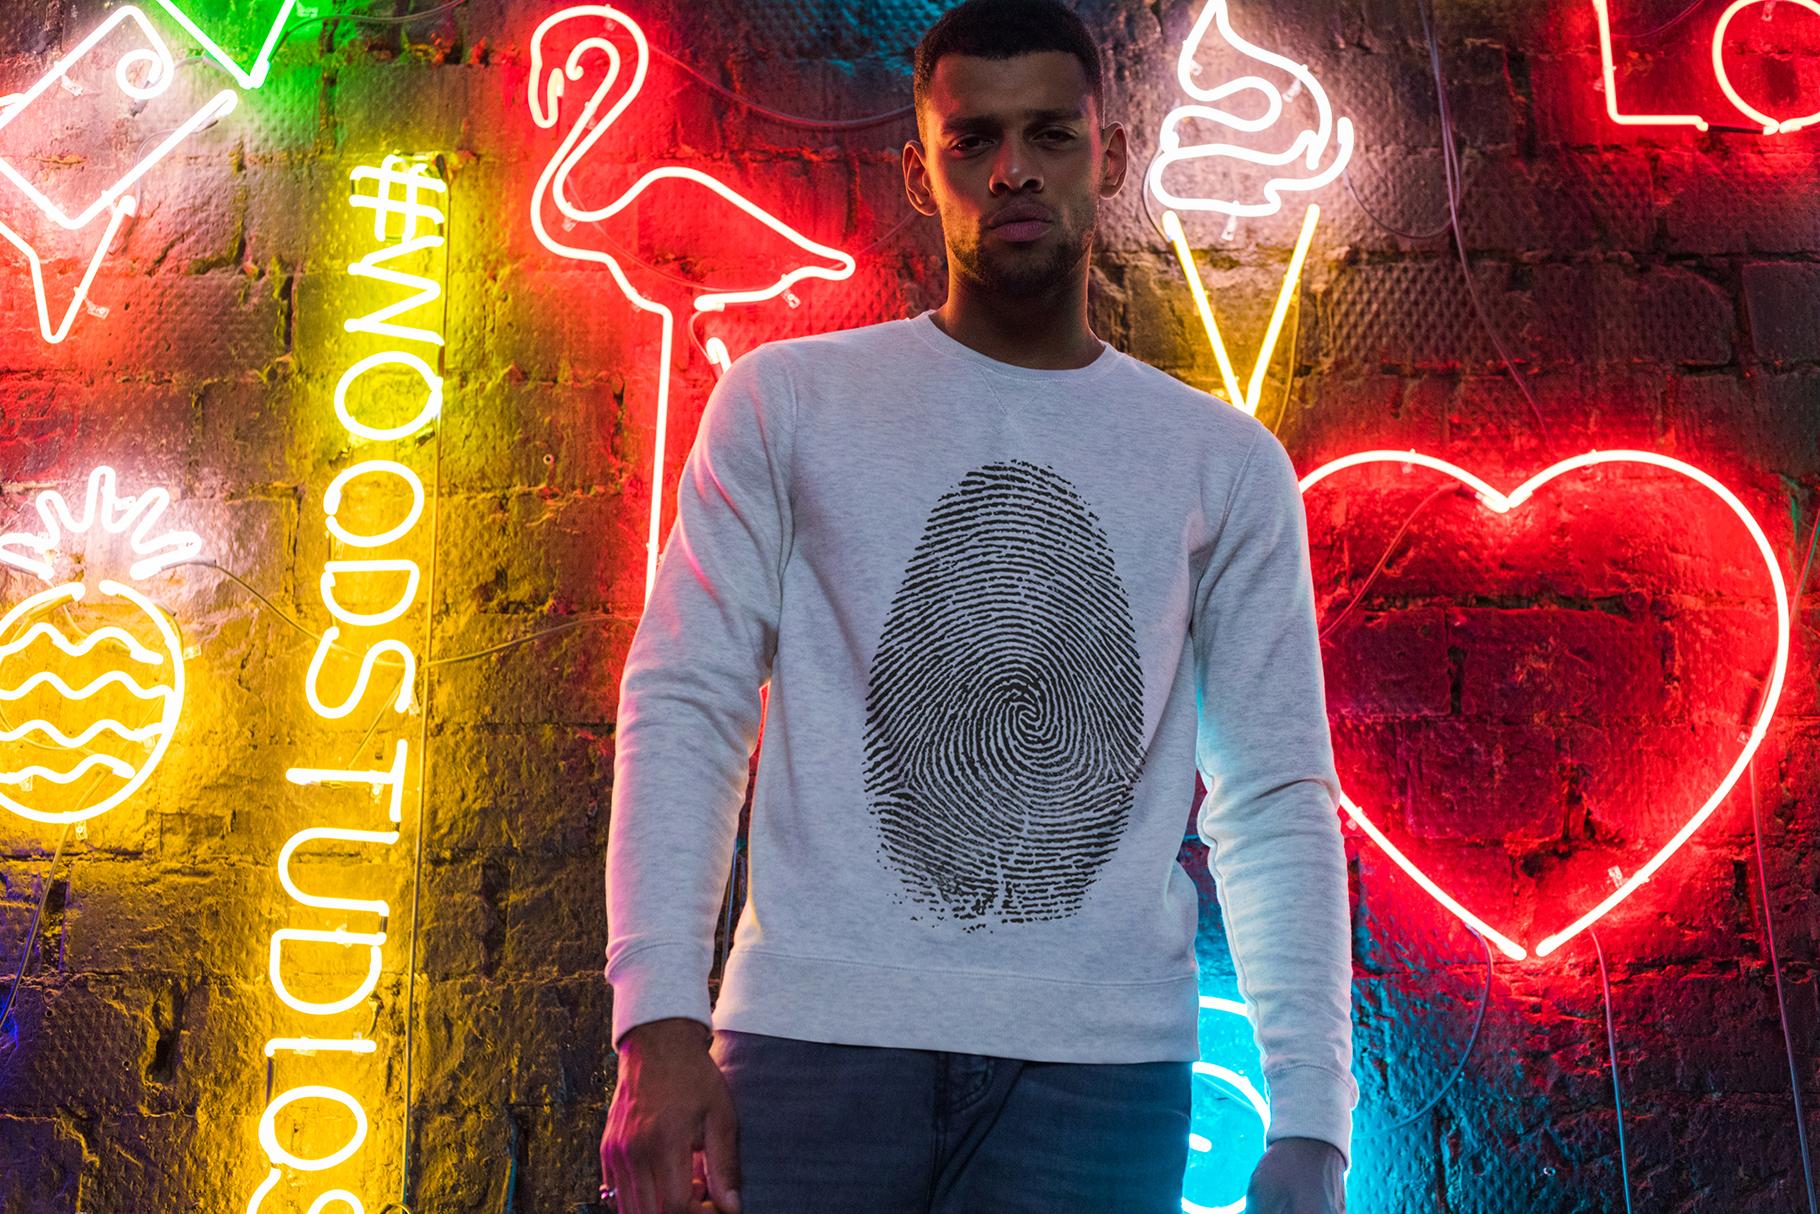 Sweatshirt Mock-Up 2018 #33 example image 8